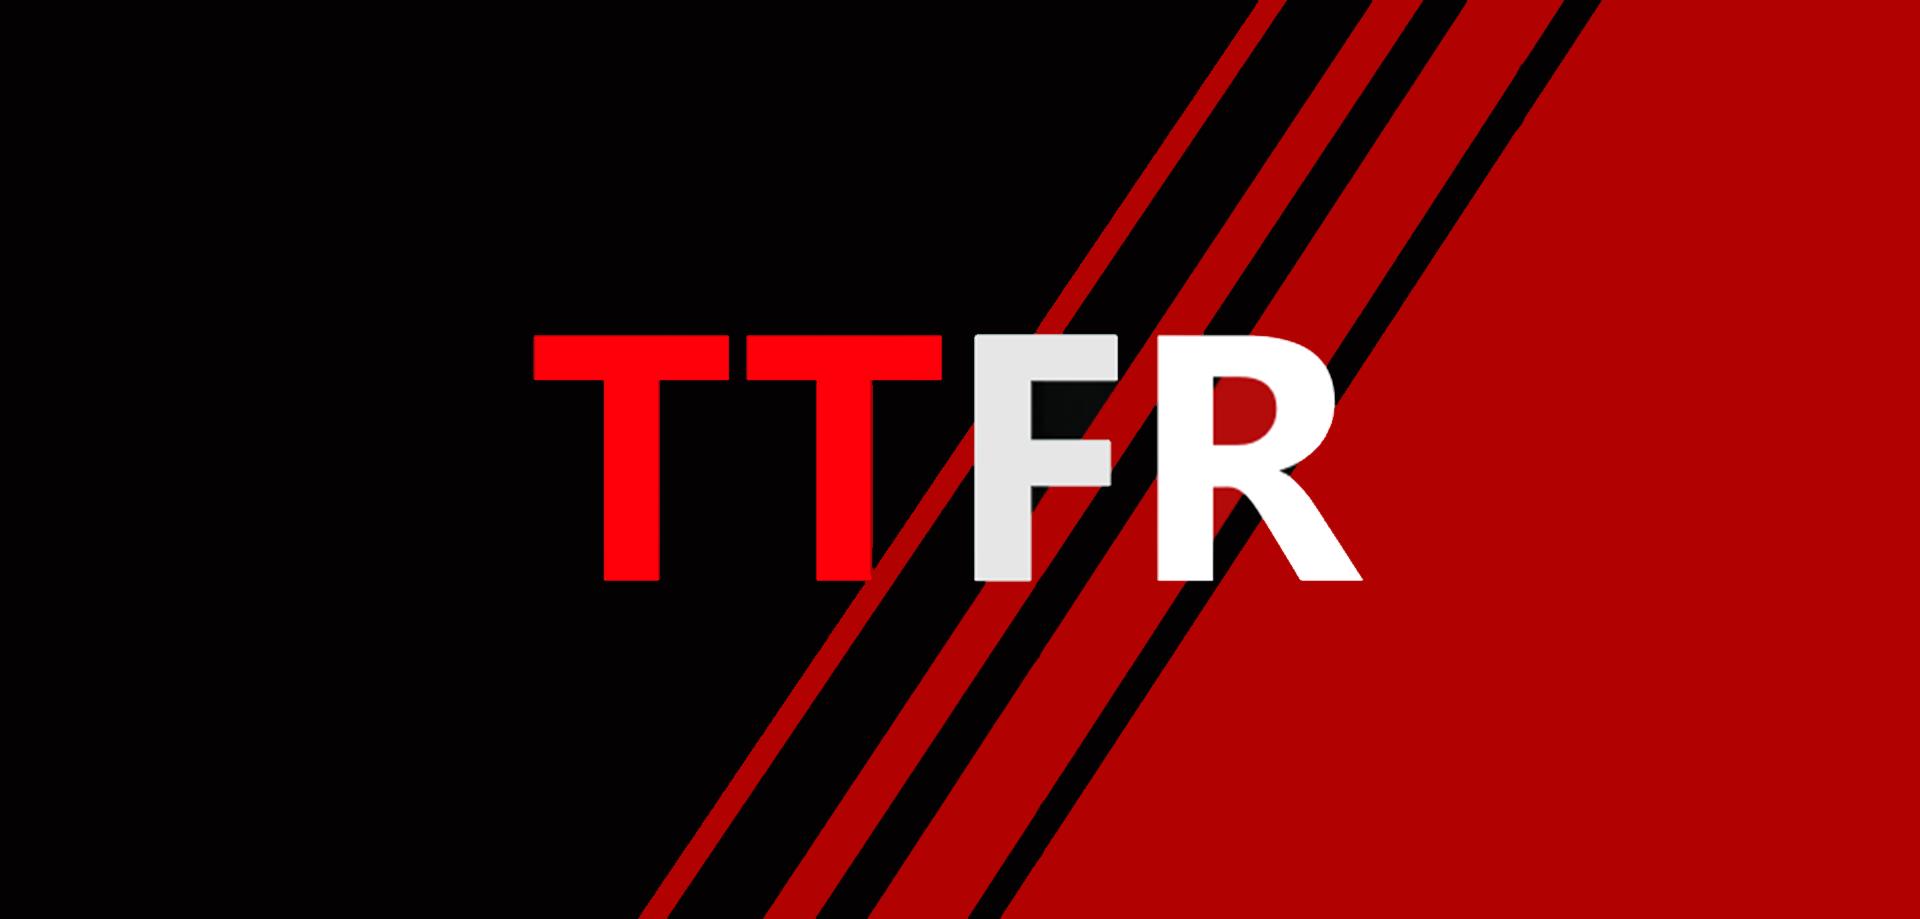 CONVOI TTFR